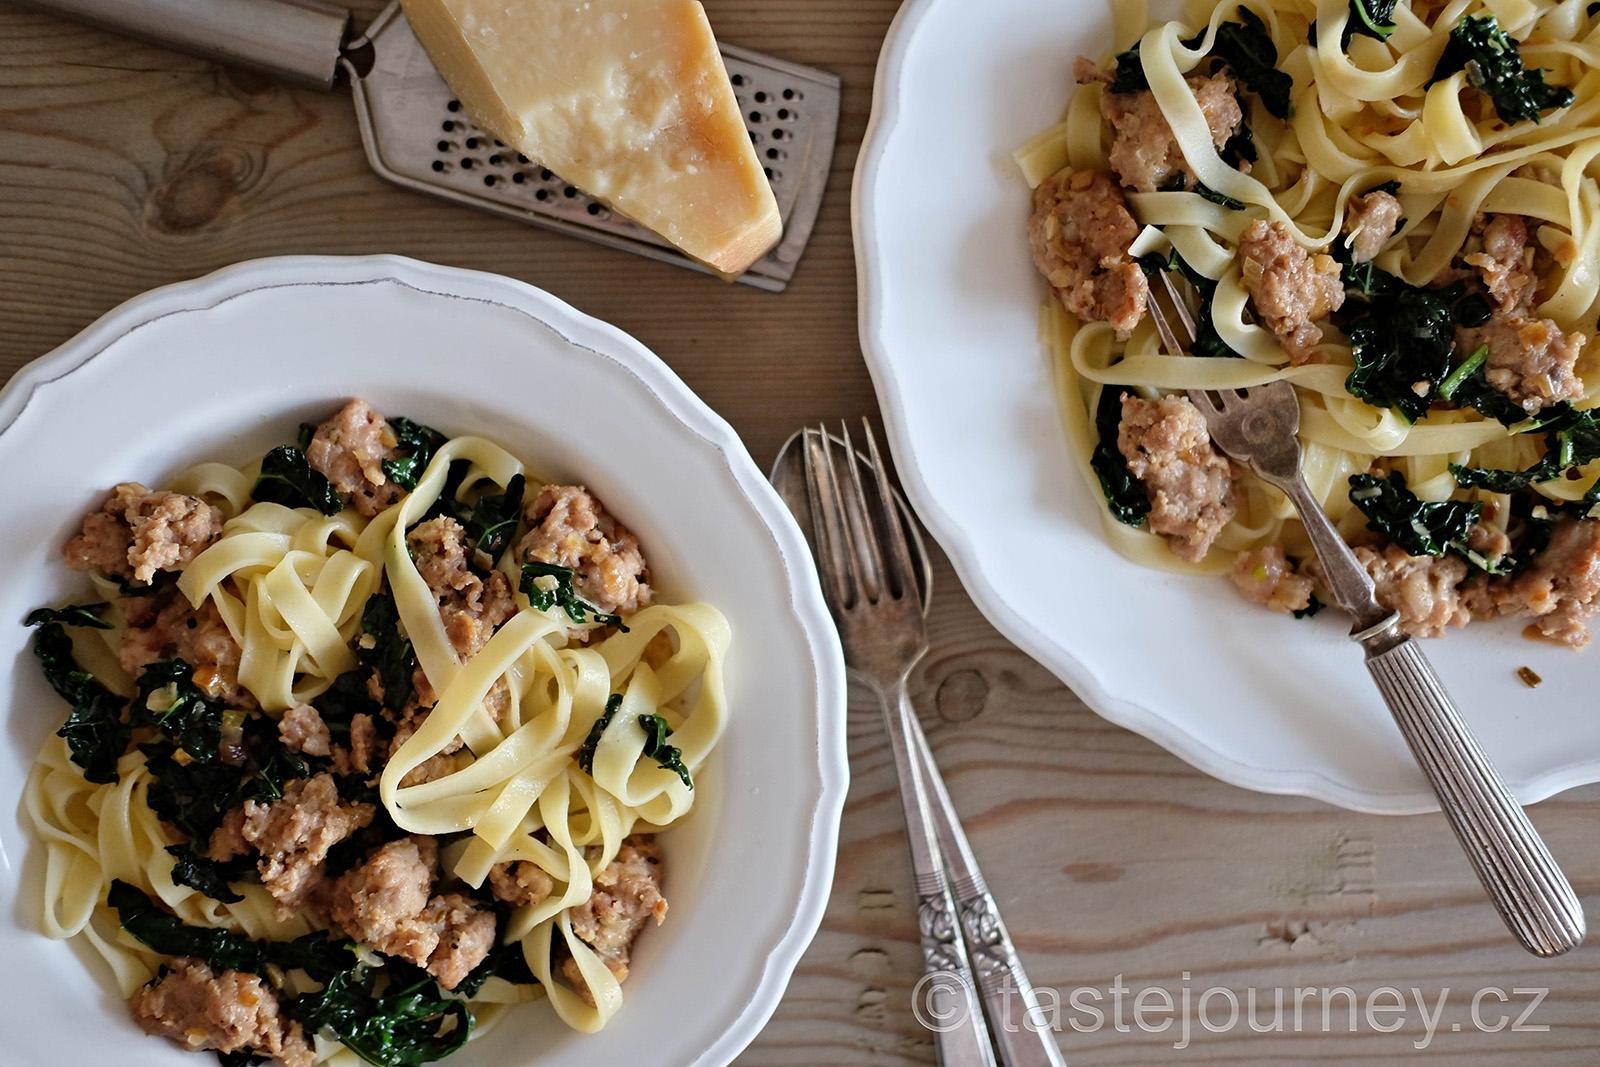 Jednoduché, přesto plnohodnotné a chutné jídlo italského střihu